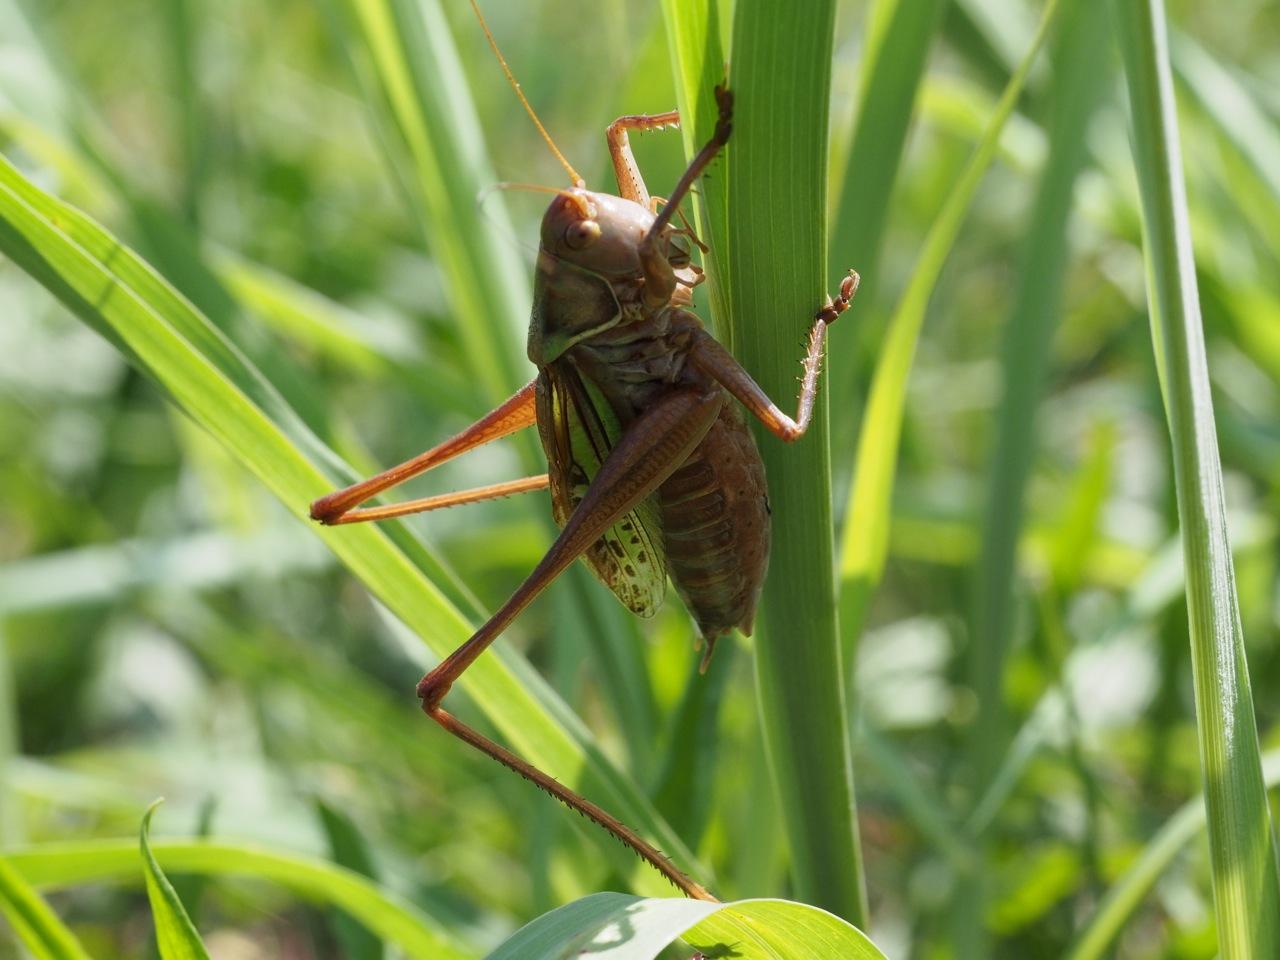 キリギリスは秋の季語ですが夏の虫です